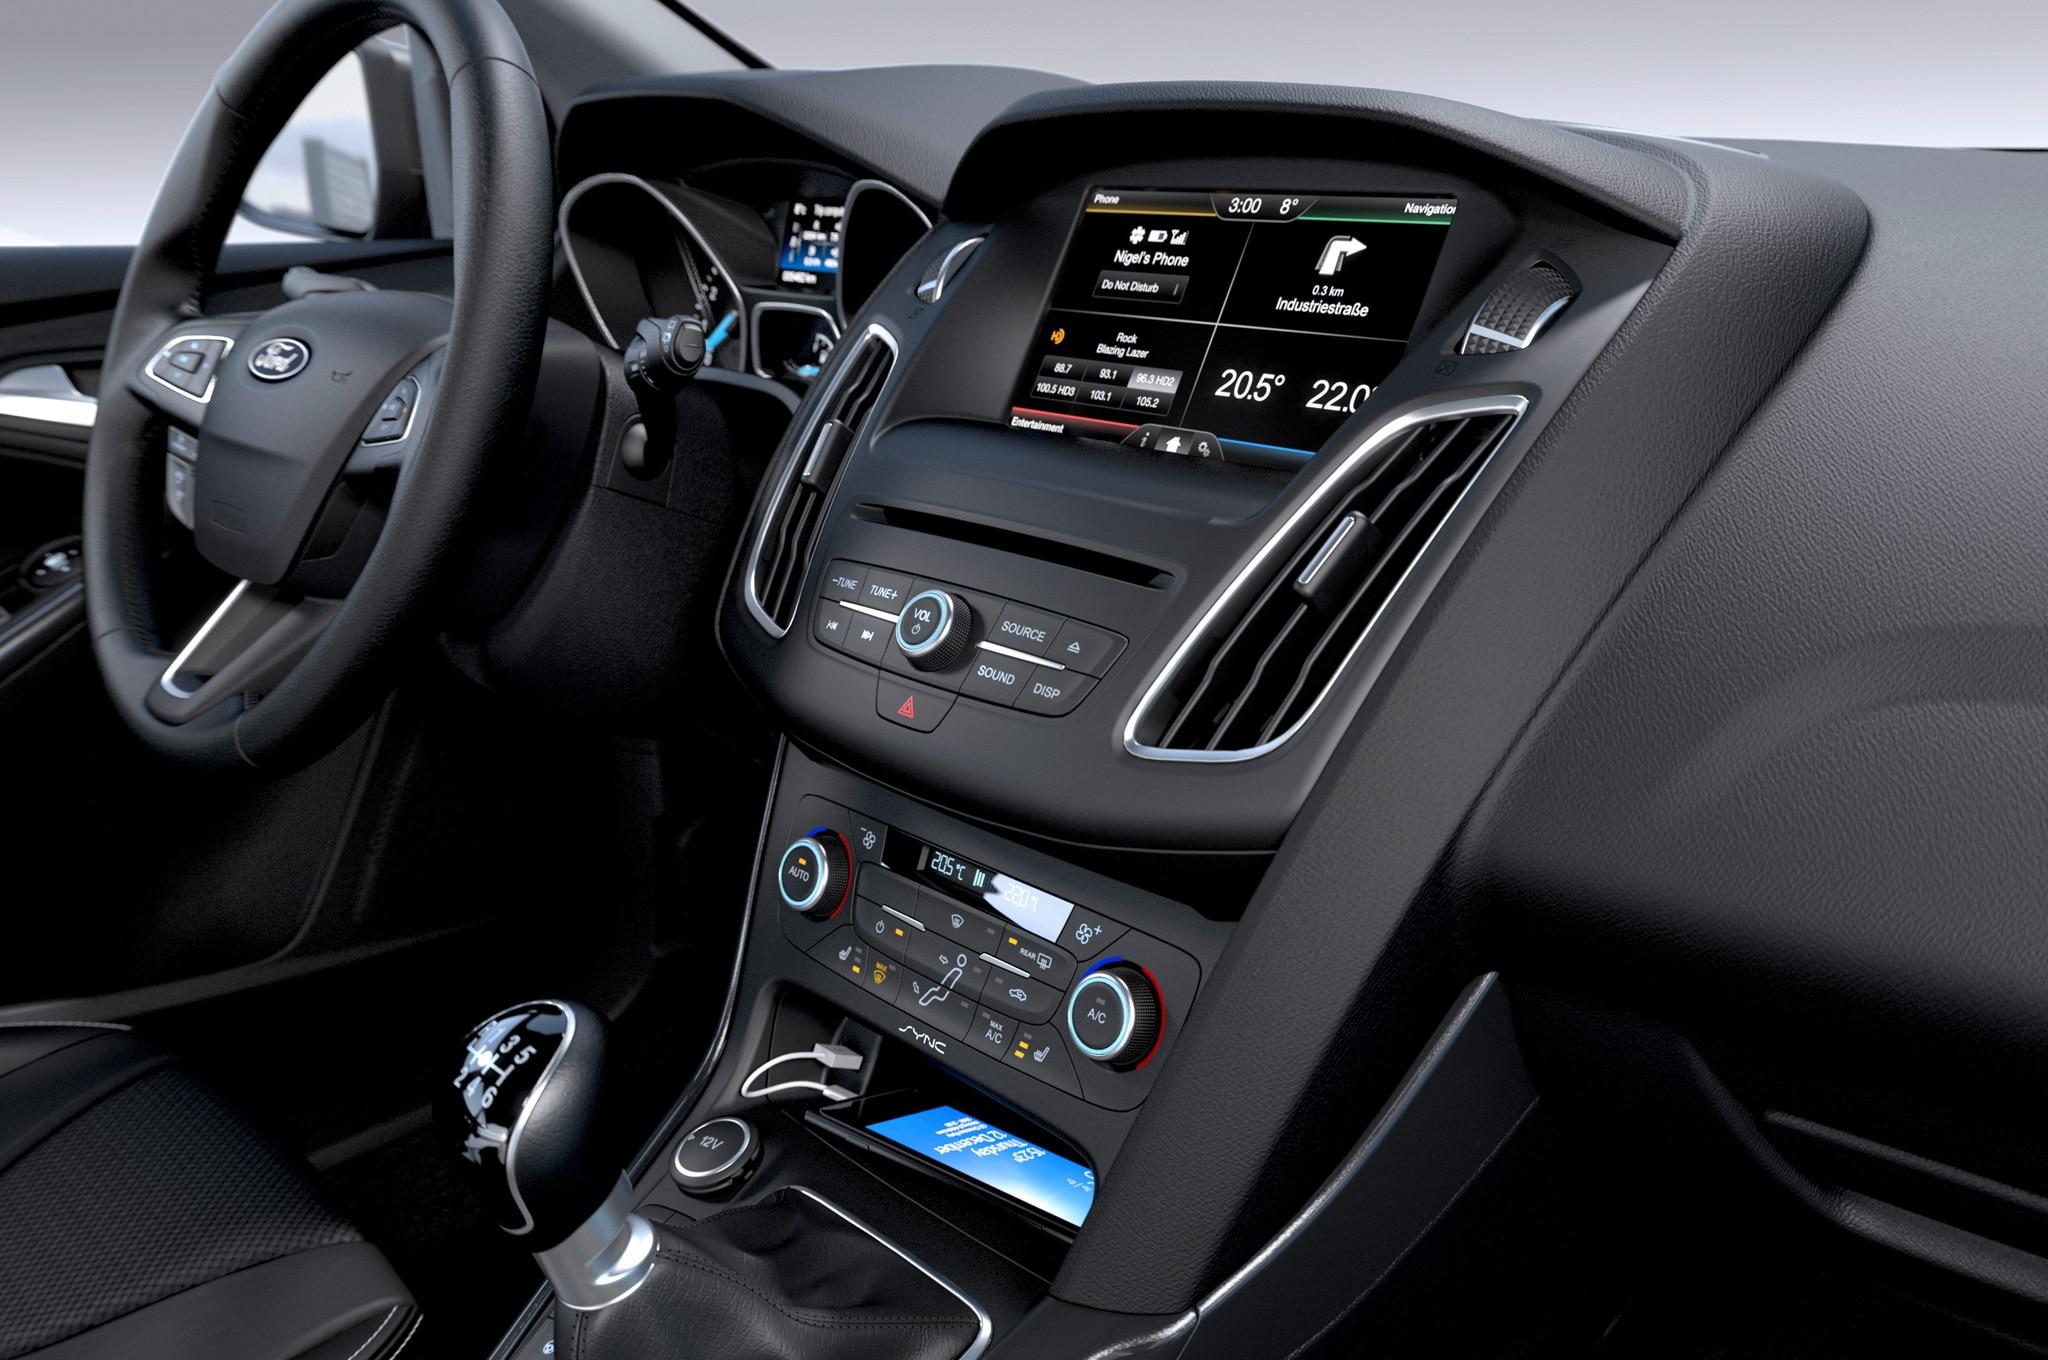 2015 ford focus hatchback interior center stack